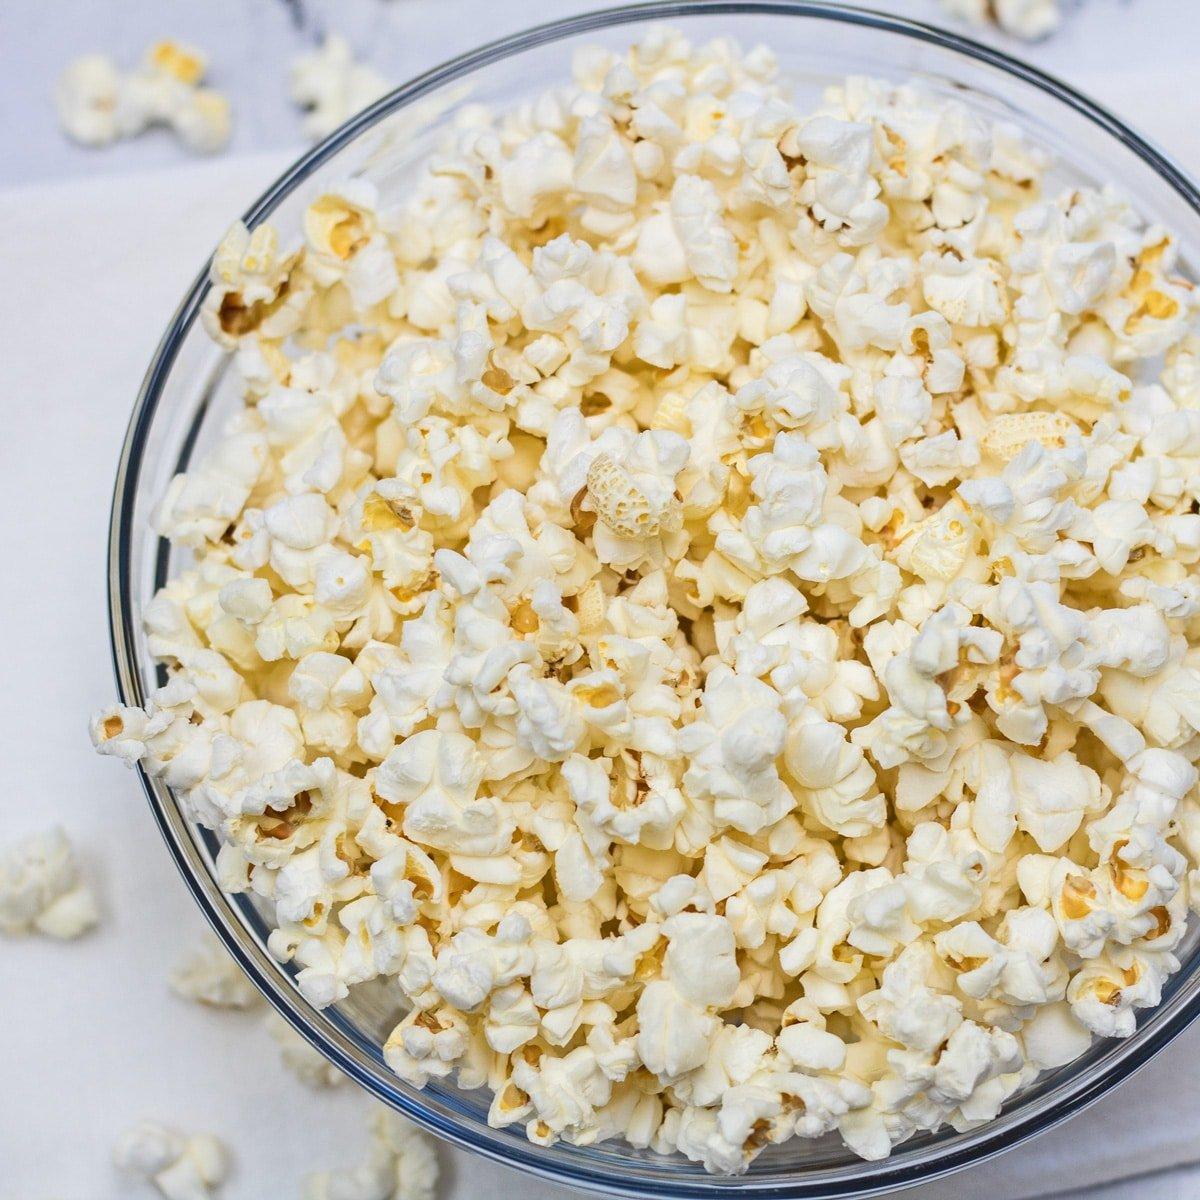 Air Fryer Popcorn serveras i klar skål.